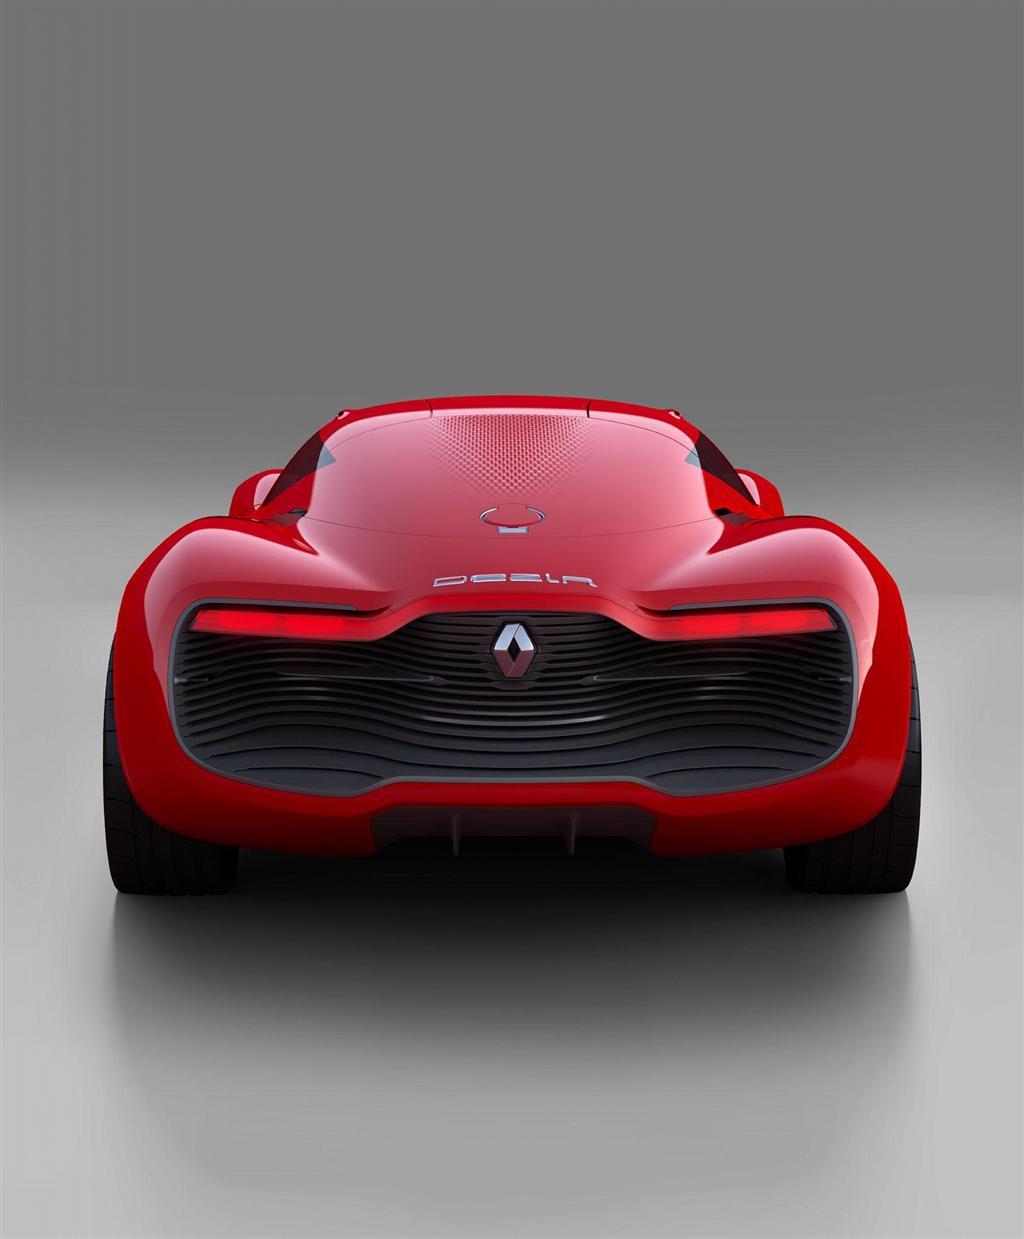 Renault Concept Car: 2010 Renault DeZir Concept